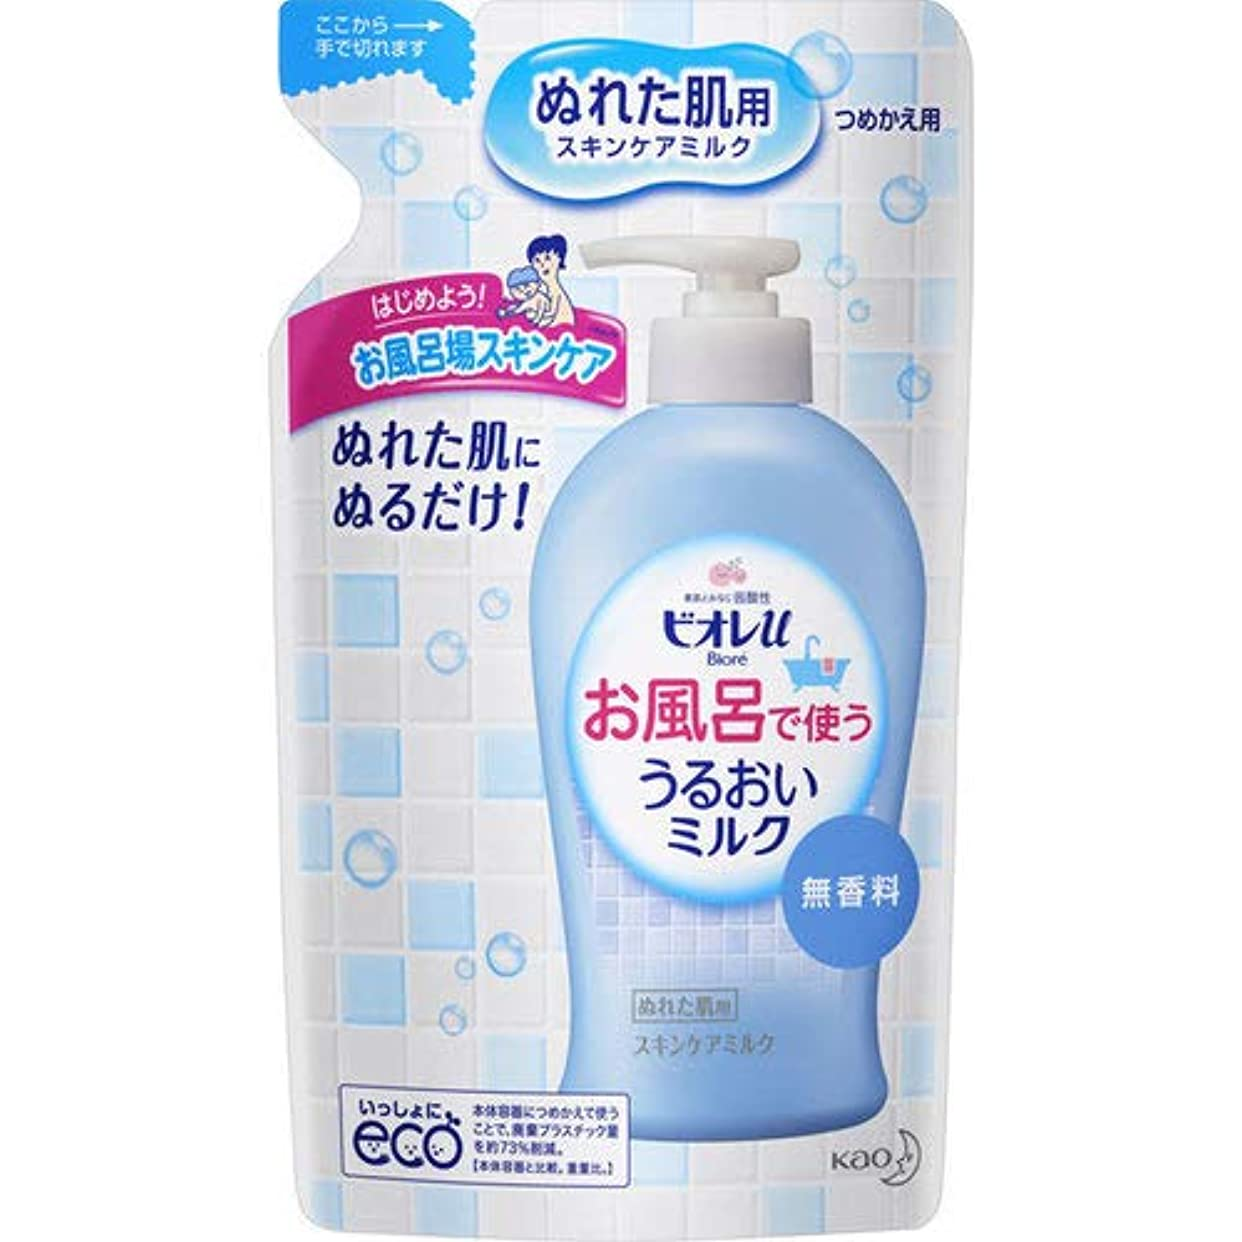 遺跡文句を言うスクラップブックビオレu お風呂で使ううるおいミルク 無香料 つめかえ用 250mL